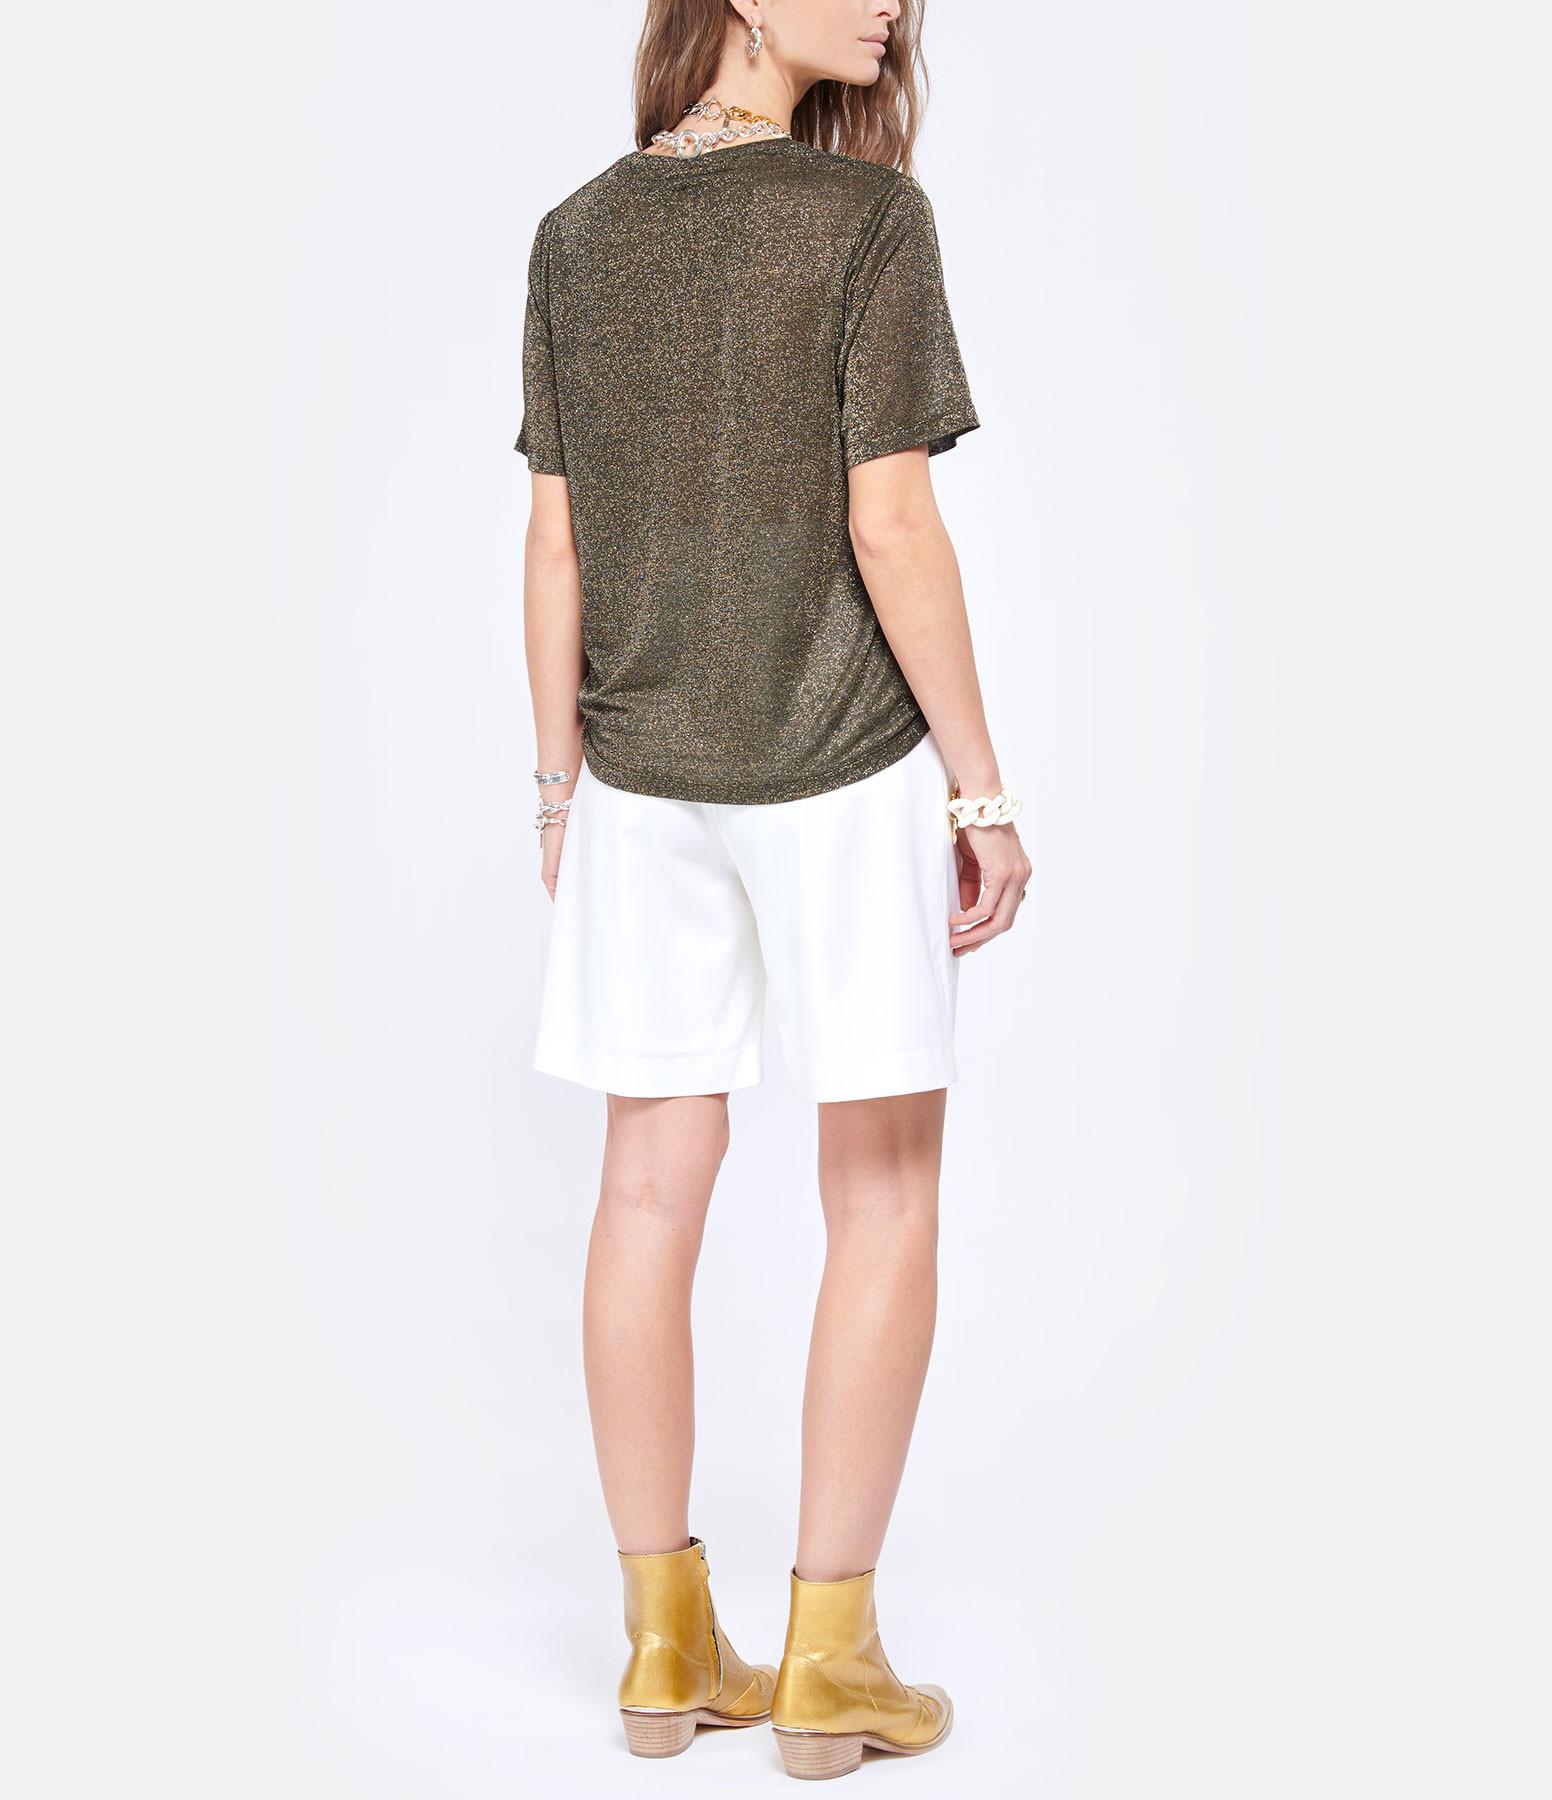 JEANNE VOULAND - Tee-shirt Fritz V Lurex Doré